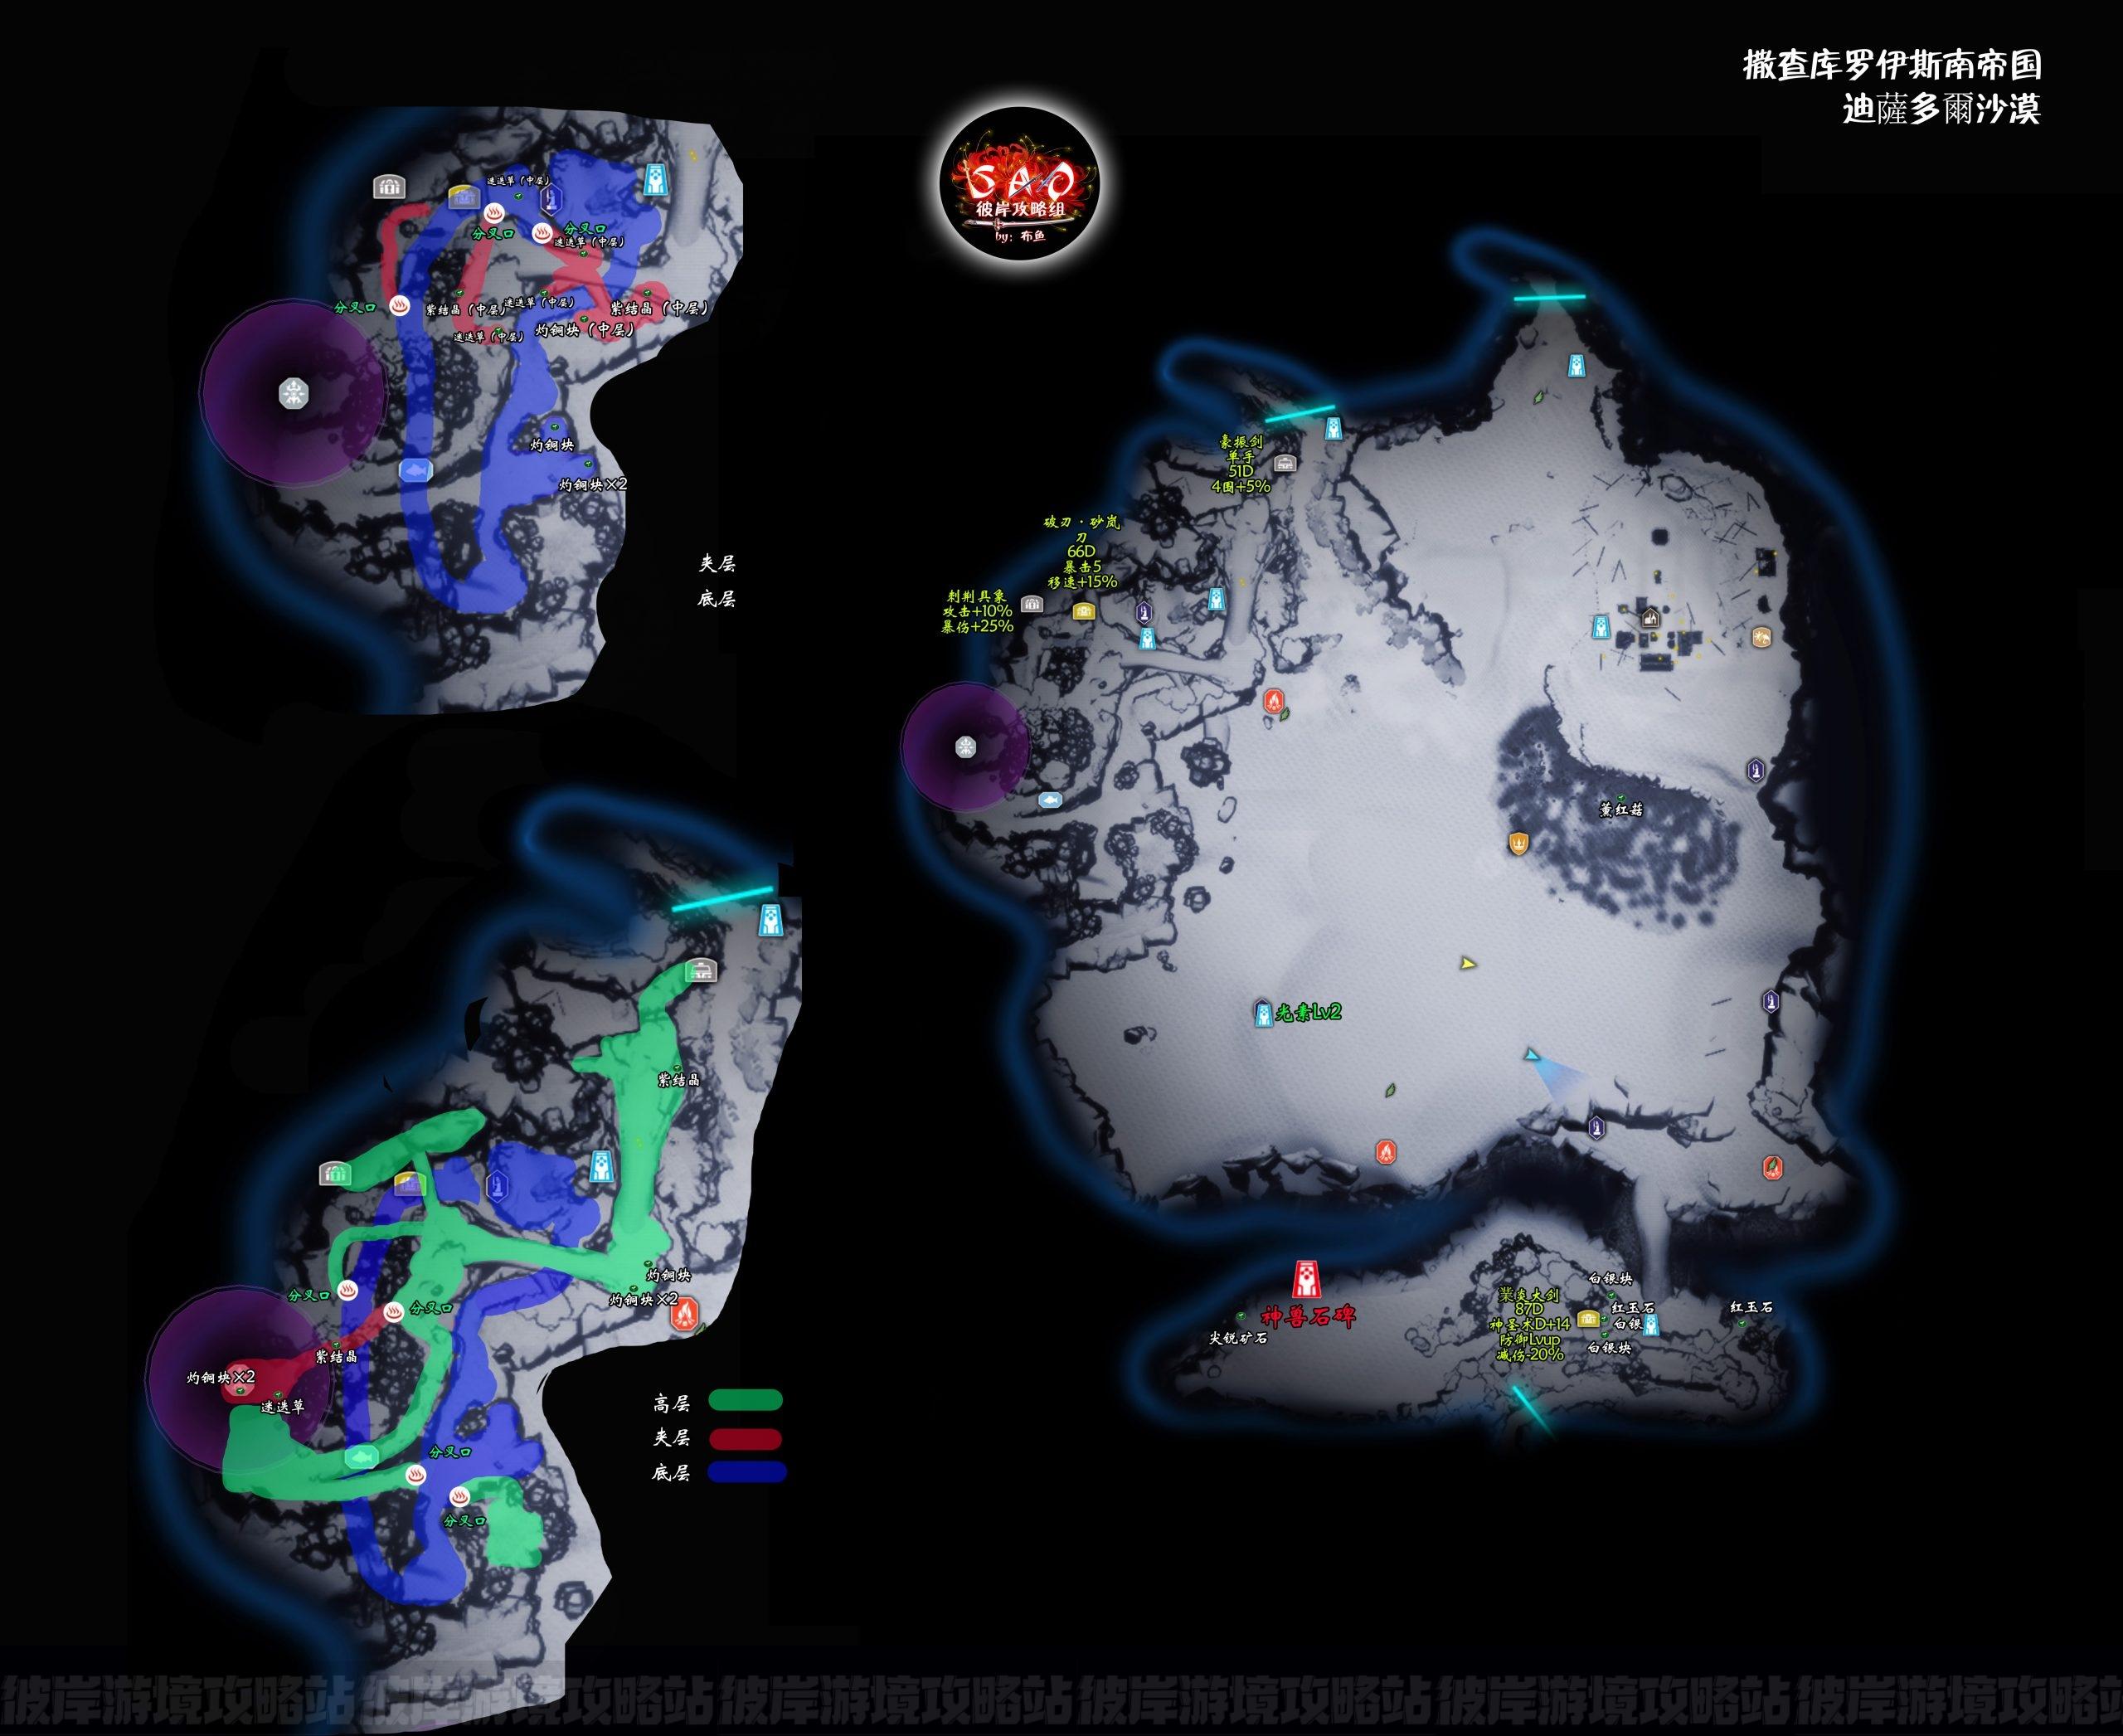 【SAOAL攻略组】超完全流程地图攻略及新手指引-迪薩多爾沙漠篇-刀剑神域彼岸游境攻略站